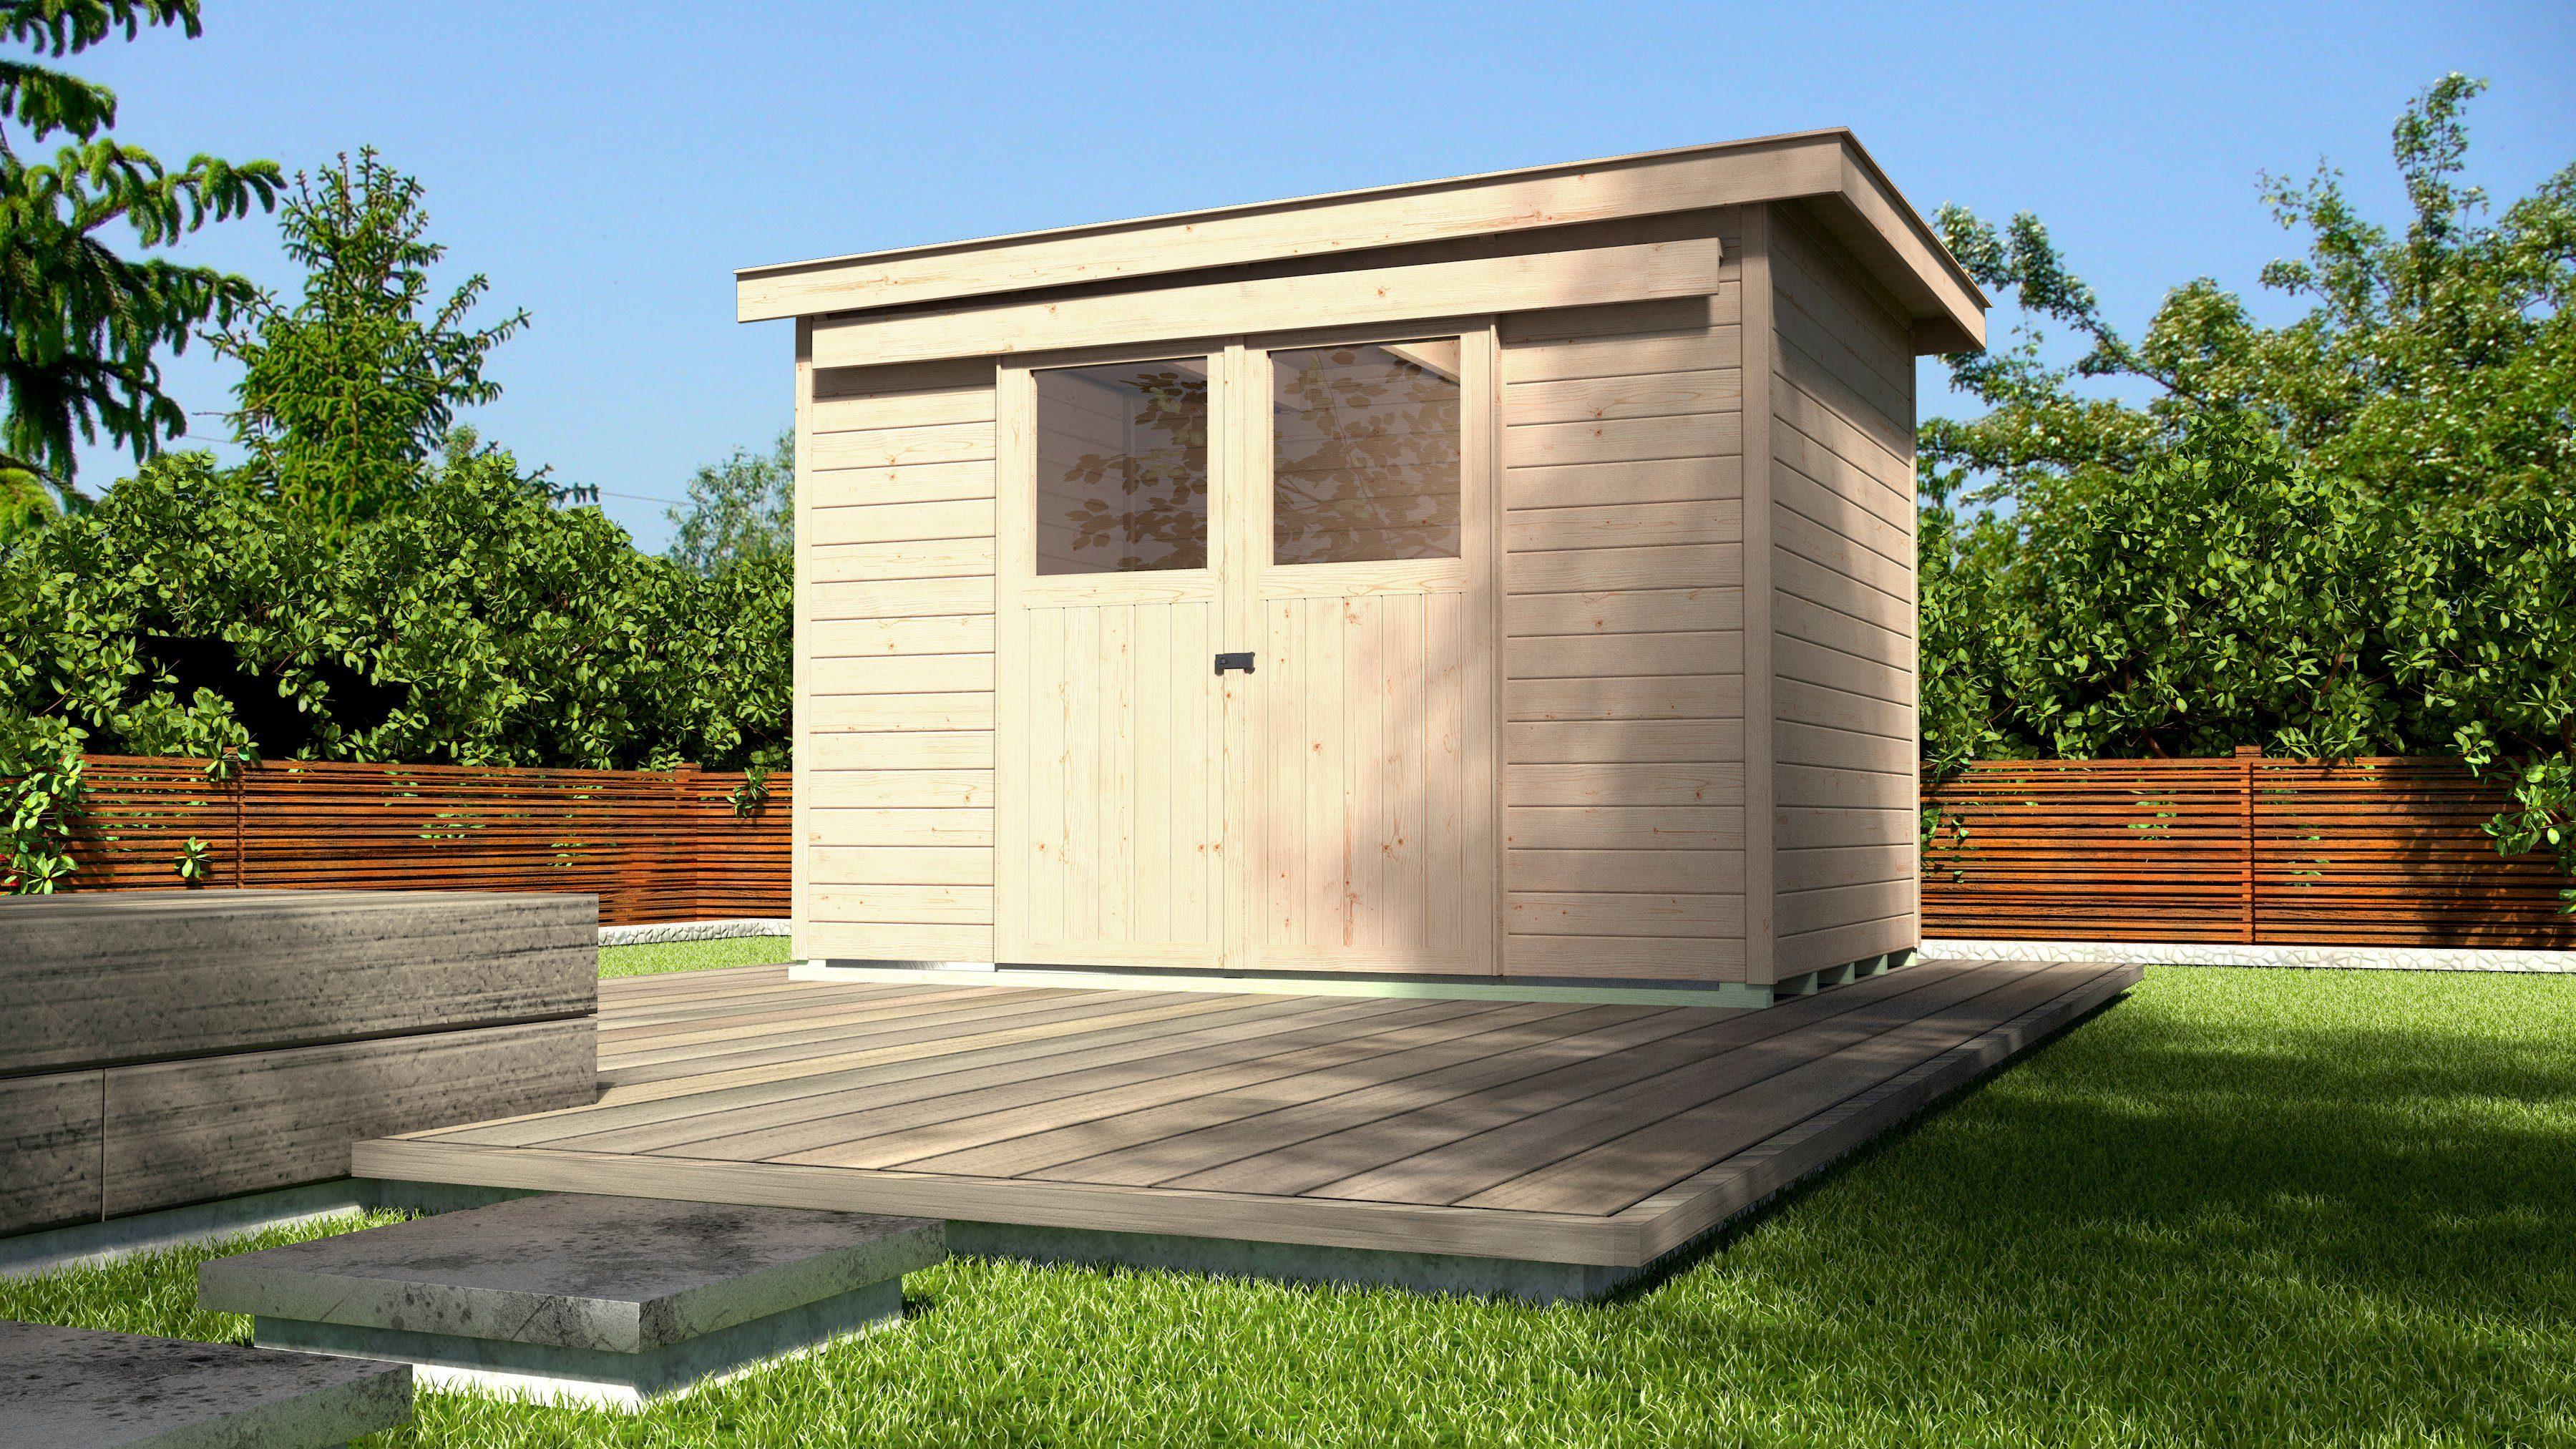 Gartenhaus Fußboden Schrauben ~ Pultdachhaus cm mm mit fußboden und schiebetür u ac